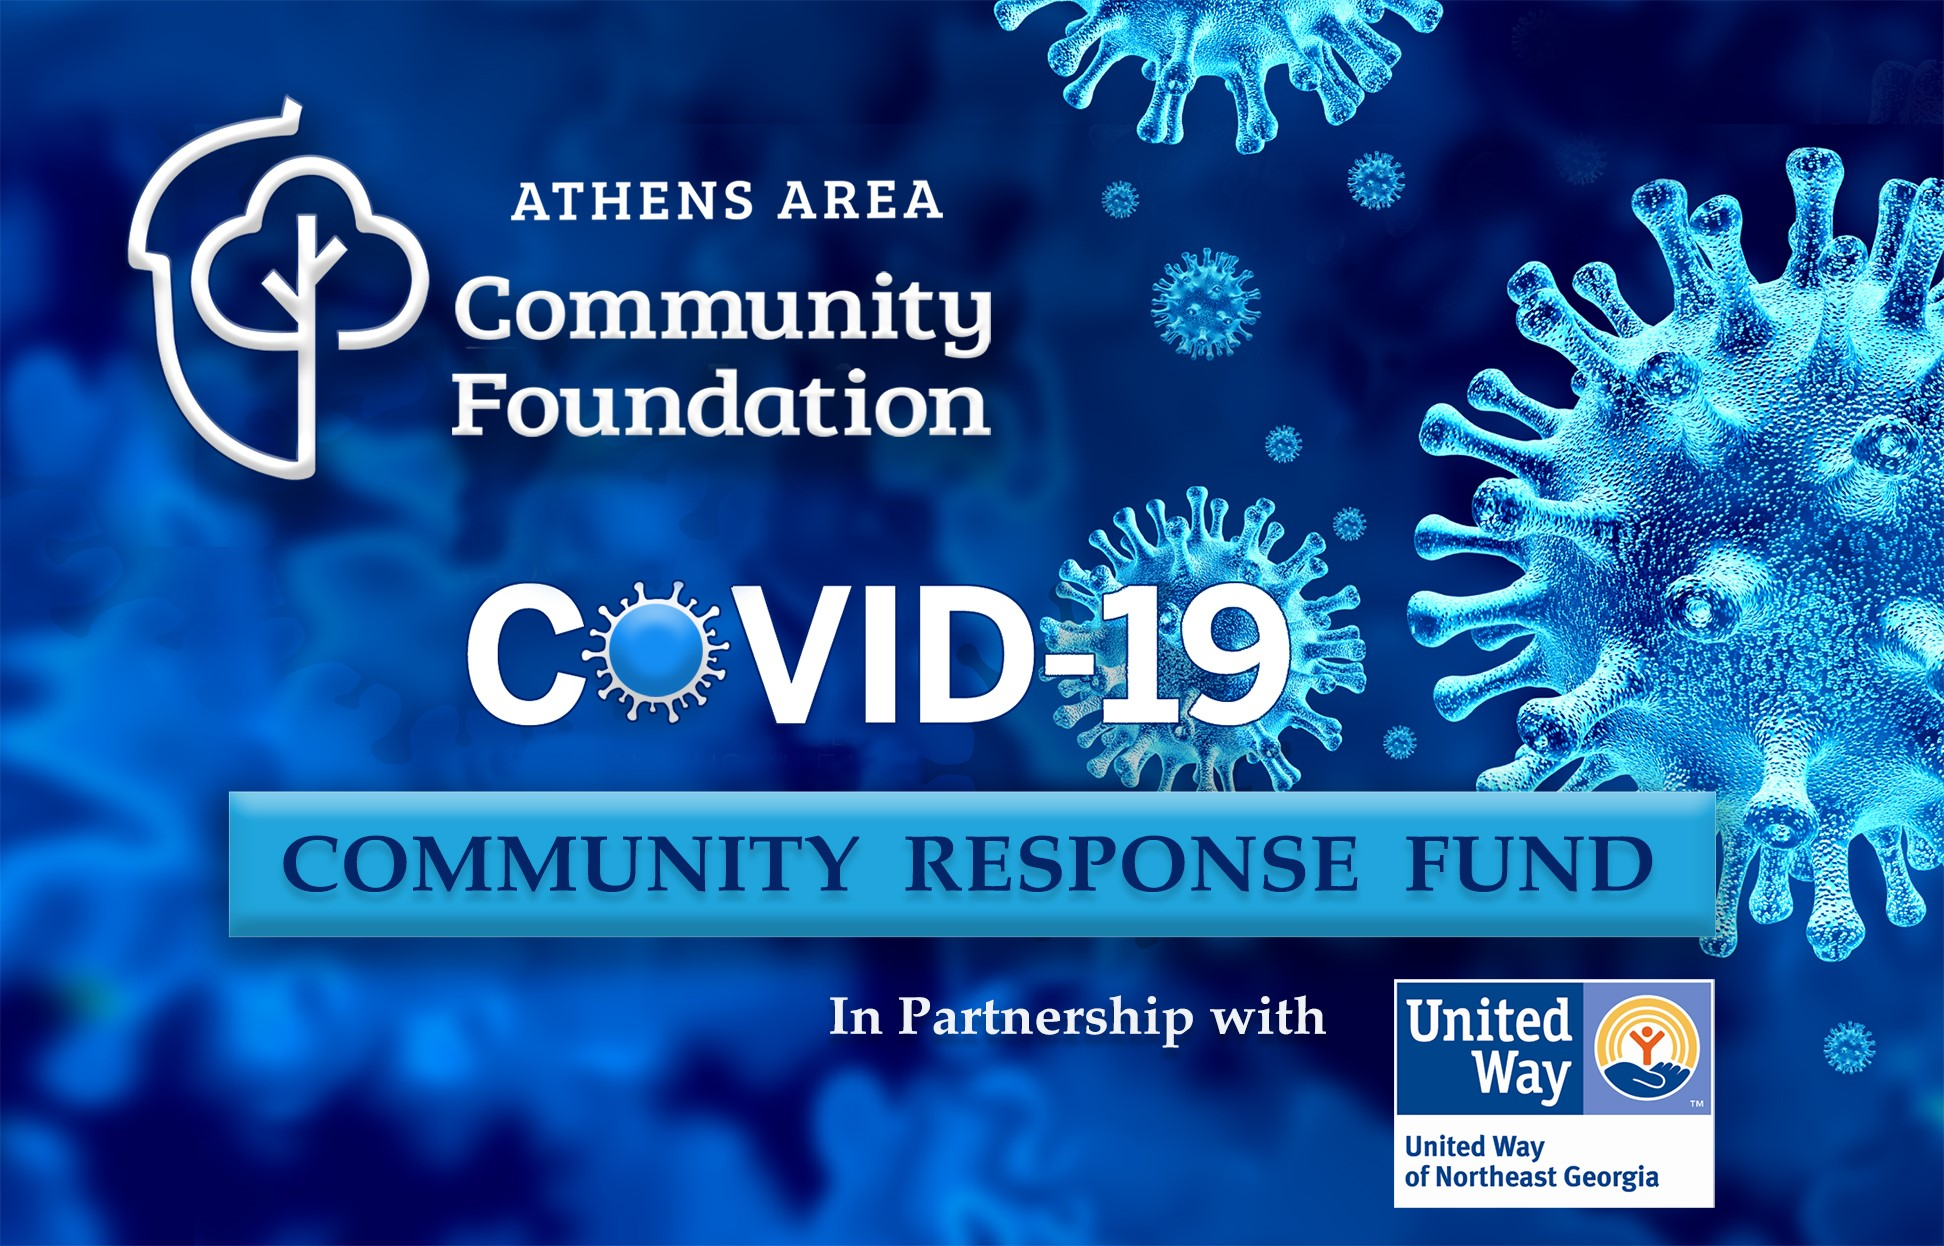 Comunity Response Fund